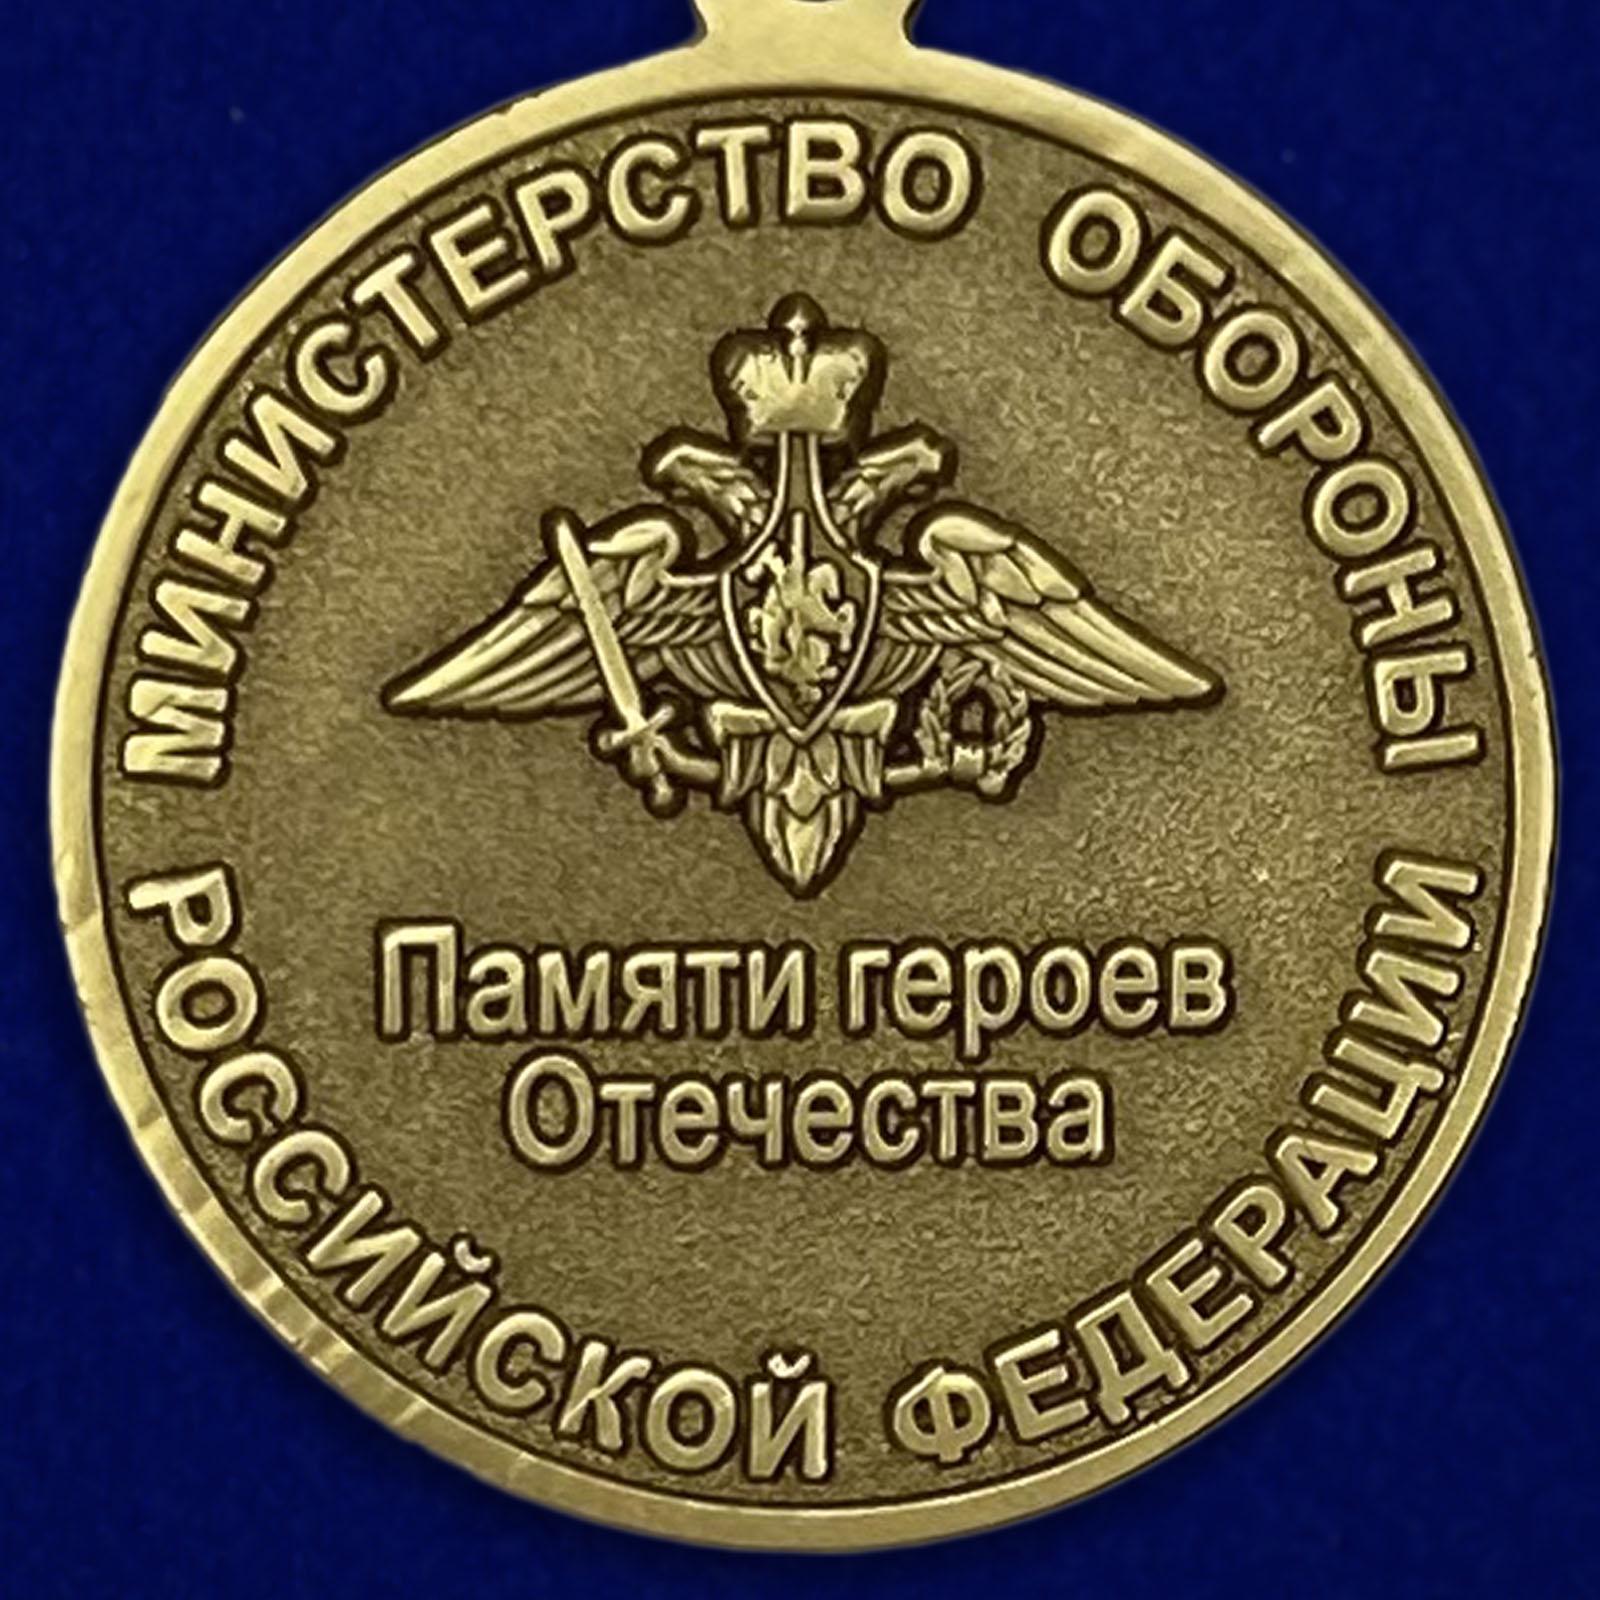 """Купить медаль """"Памяти героев Отечества"""" МО РФ"""